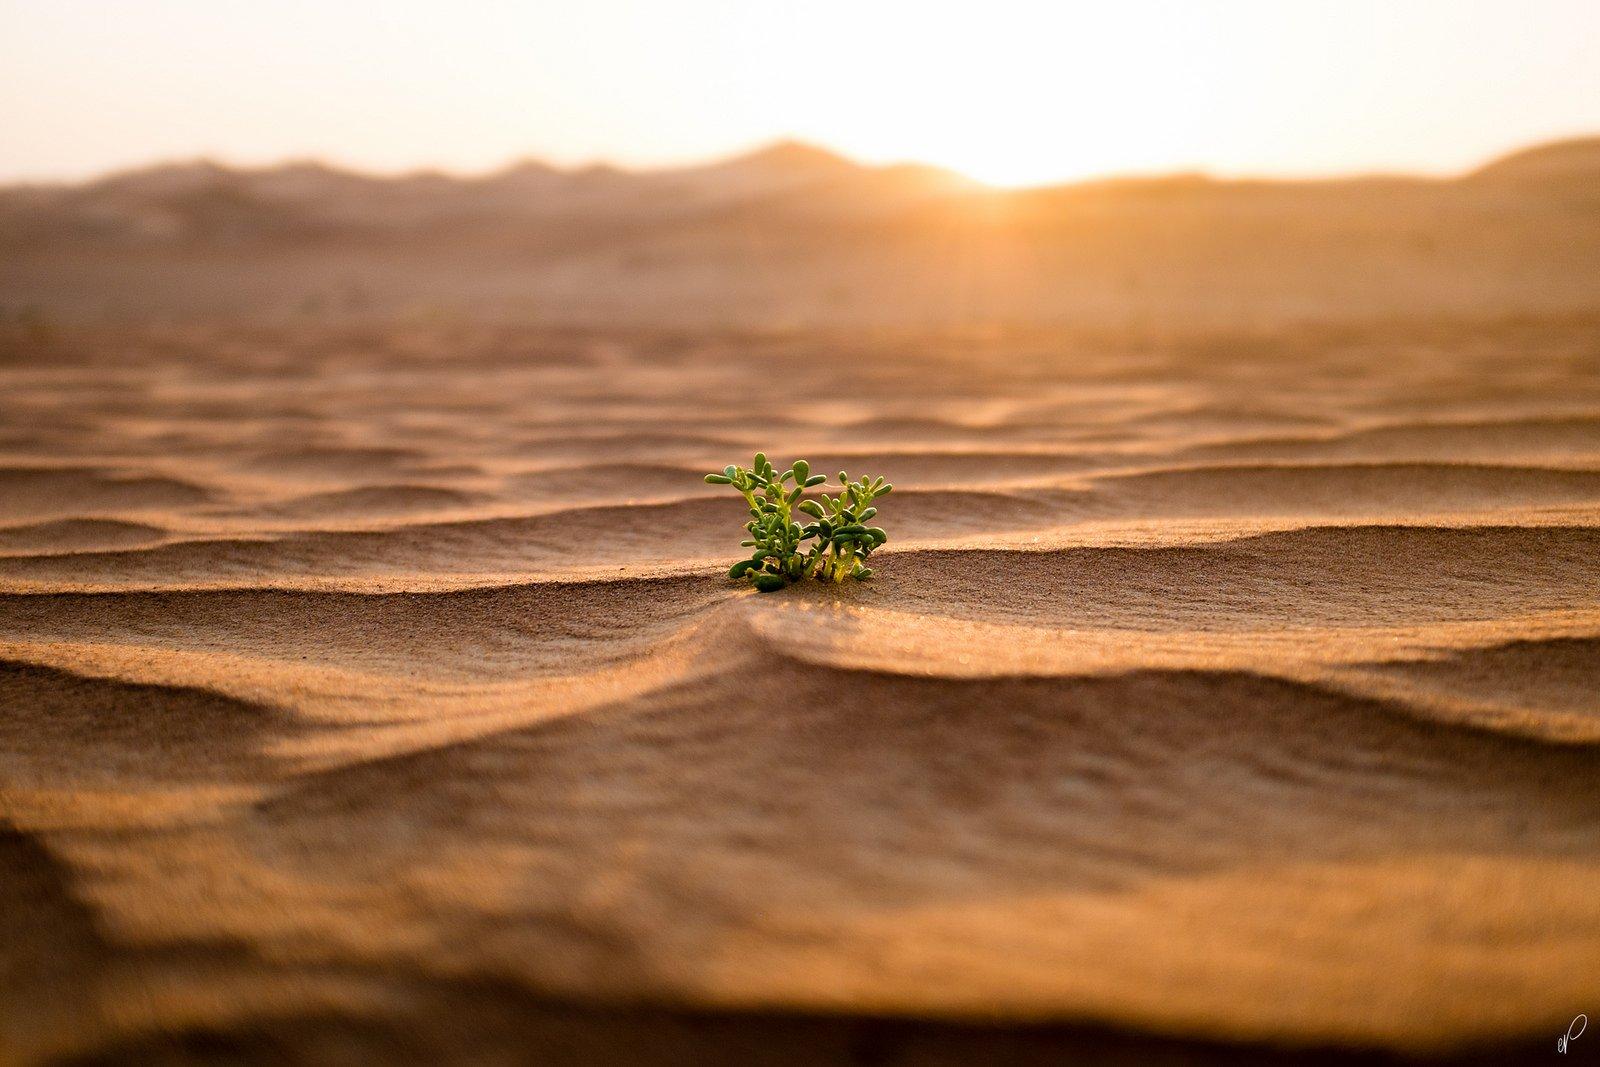 Рослини в пустелі фото 1 фотография